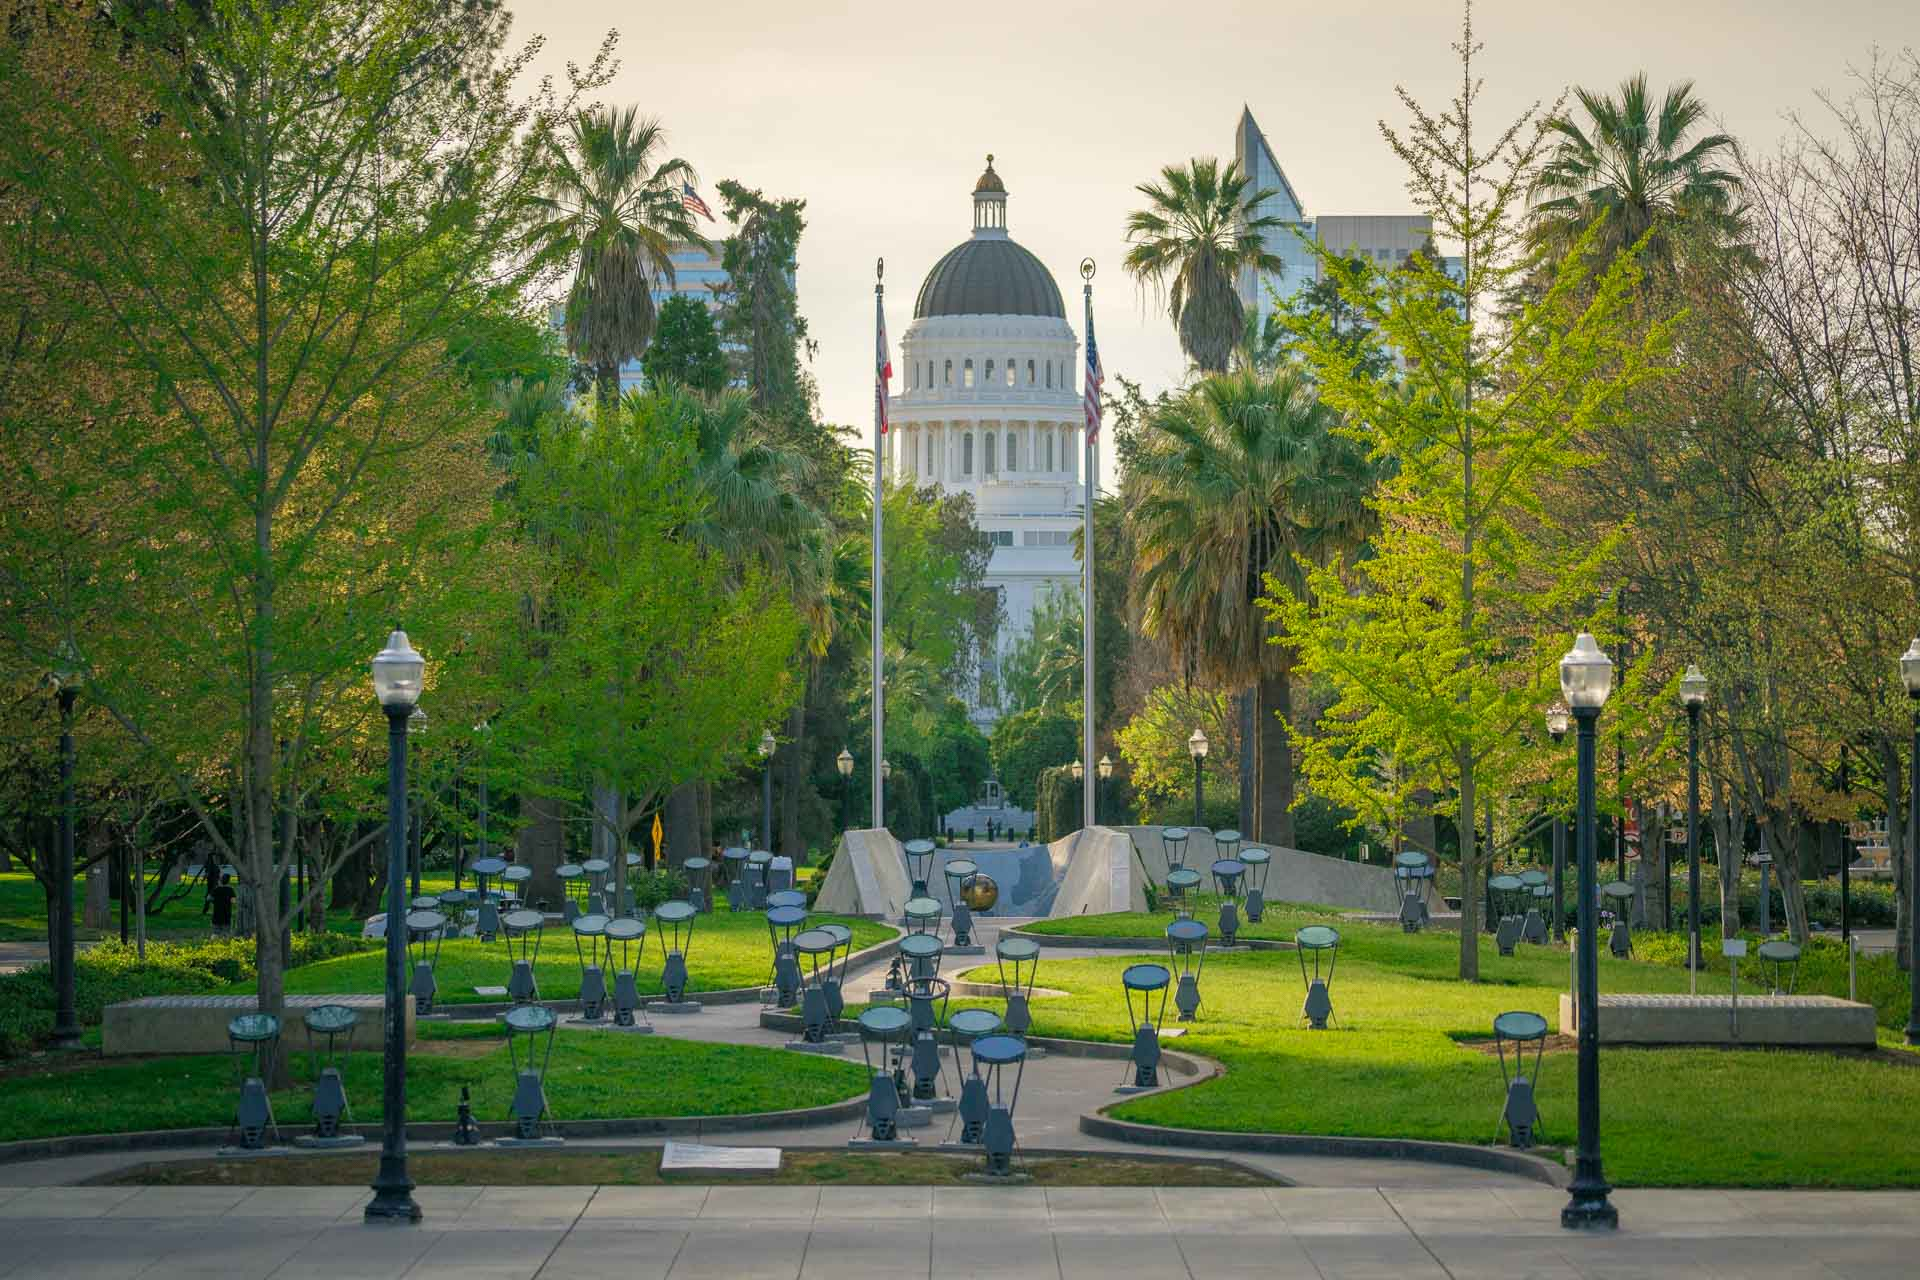 Capitol Park in Sacramento California